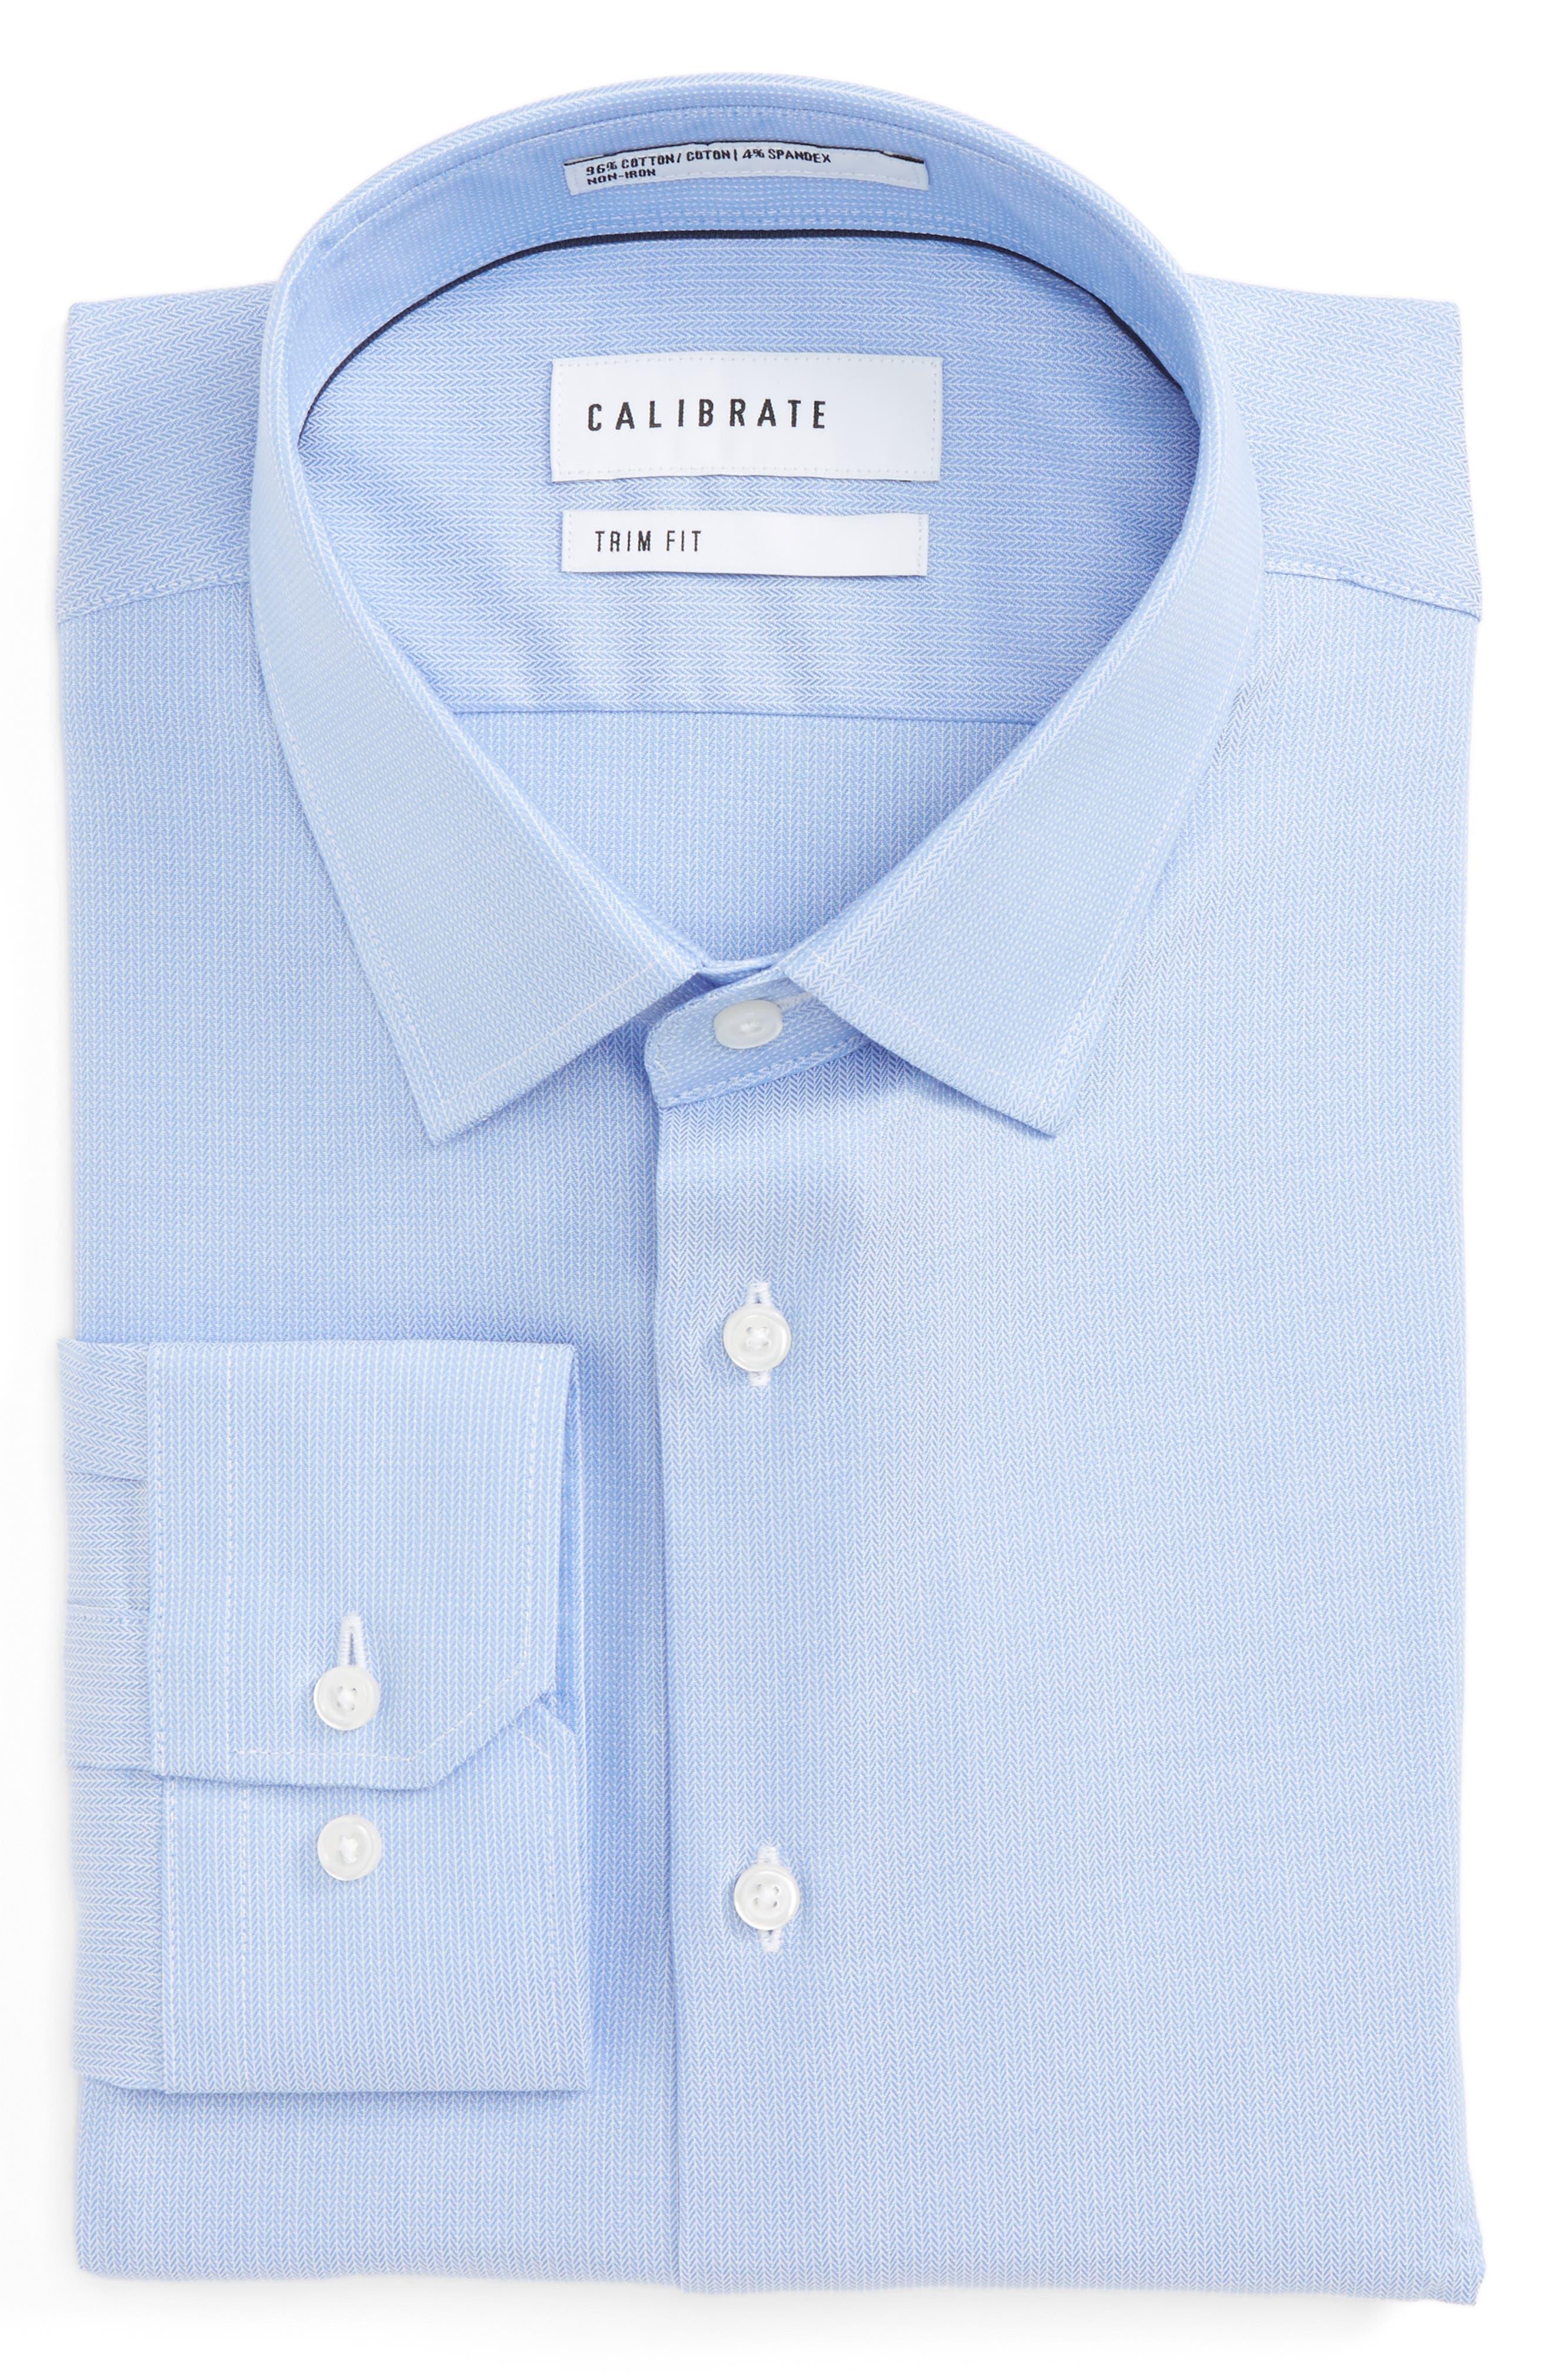 Trim Fit No-Iron Stretch Cotton Dress Shirt,                             Main thumbnail 1, color,                             Blue Grapemist